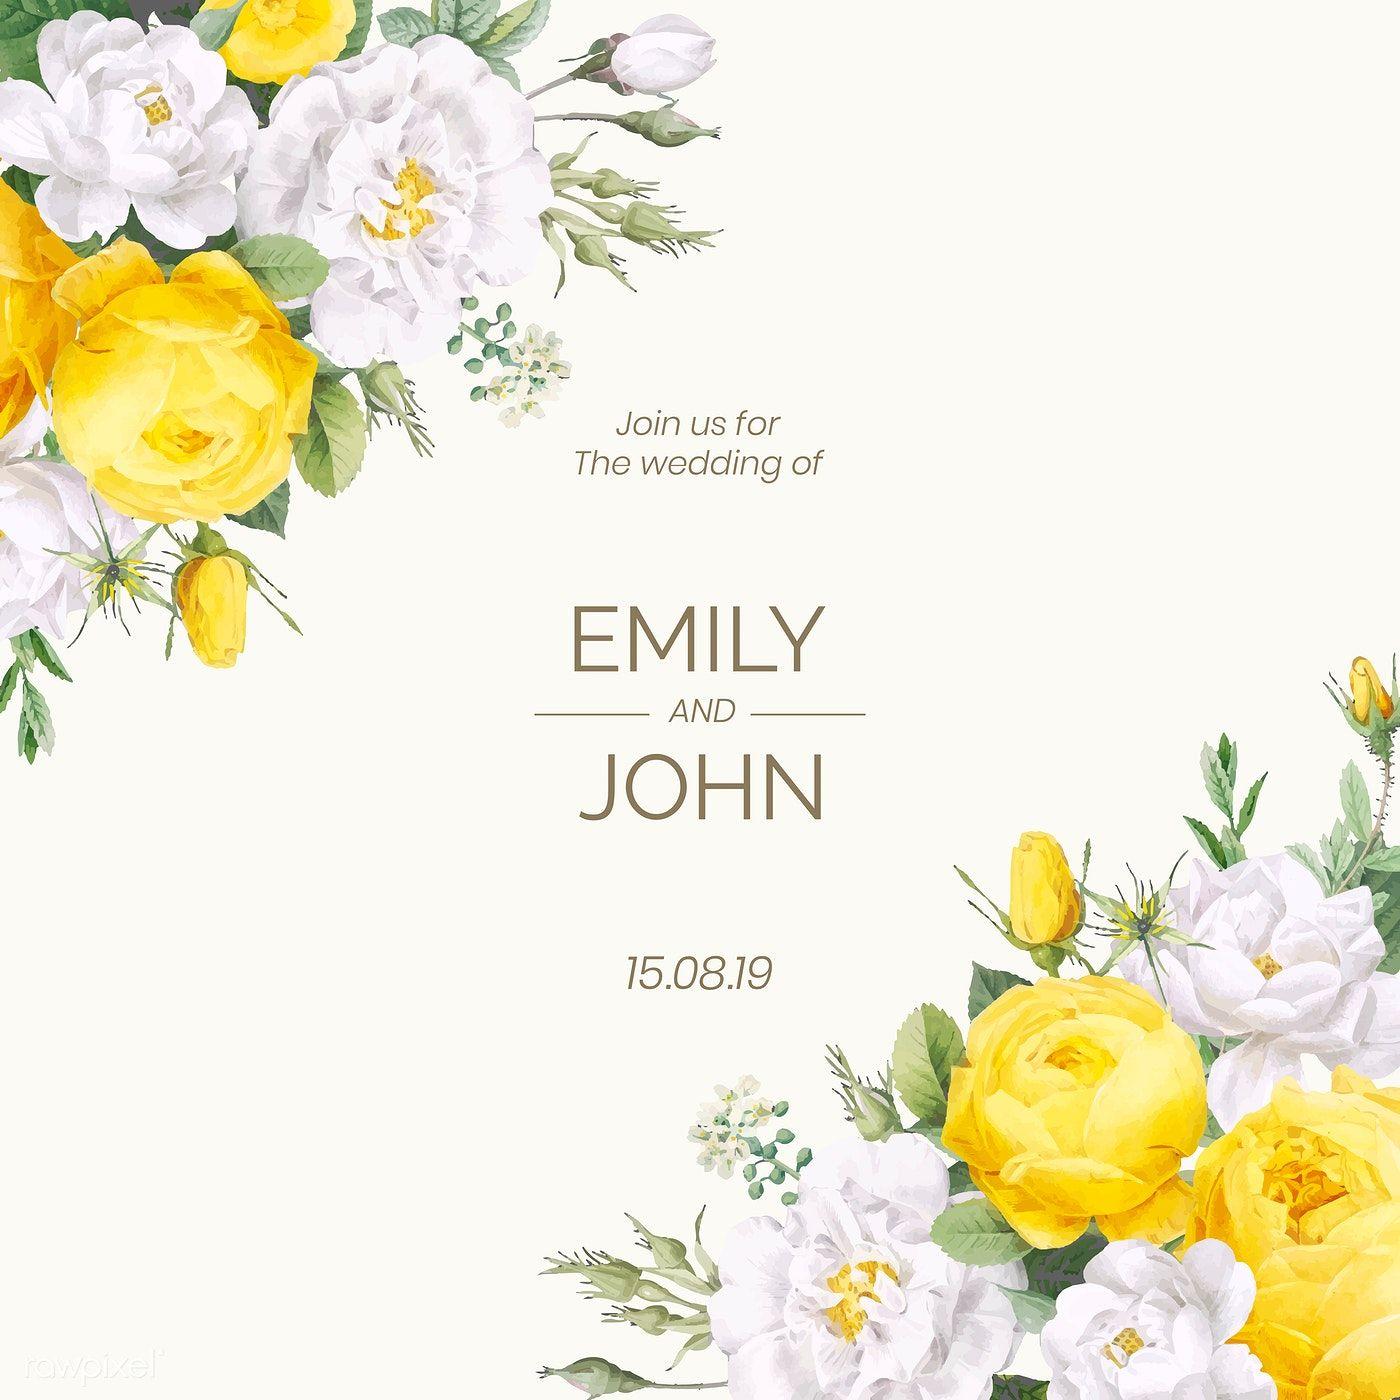 Download Premium Vector Of Blooming Wedding Invitation Card Vector 581019 Wedding Invitation Cards Floral Wedding Invitation Card Wedding Invitation Design